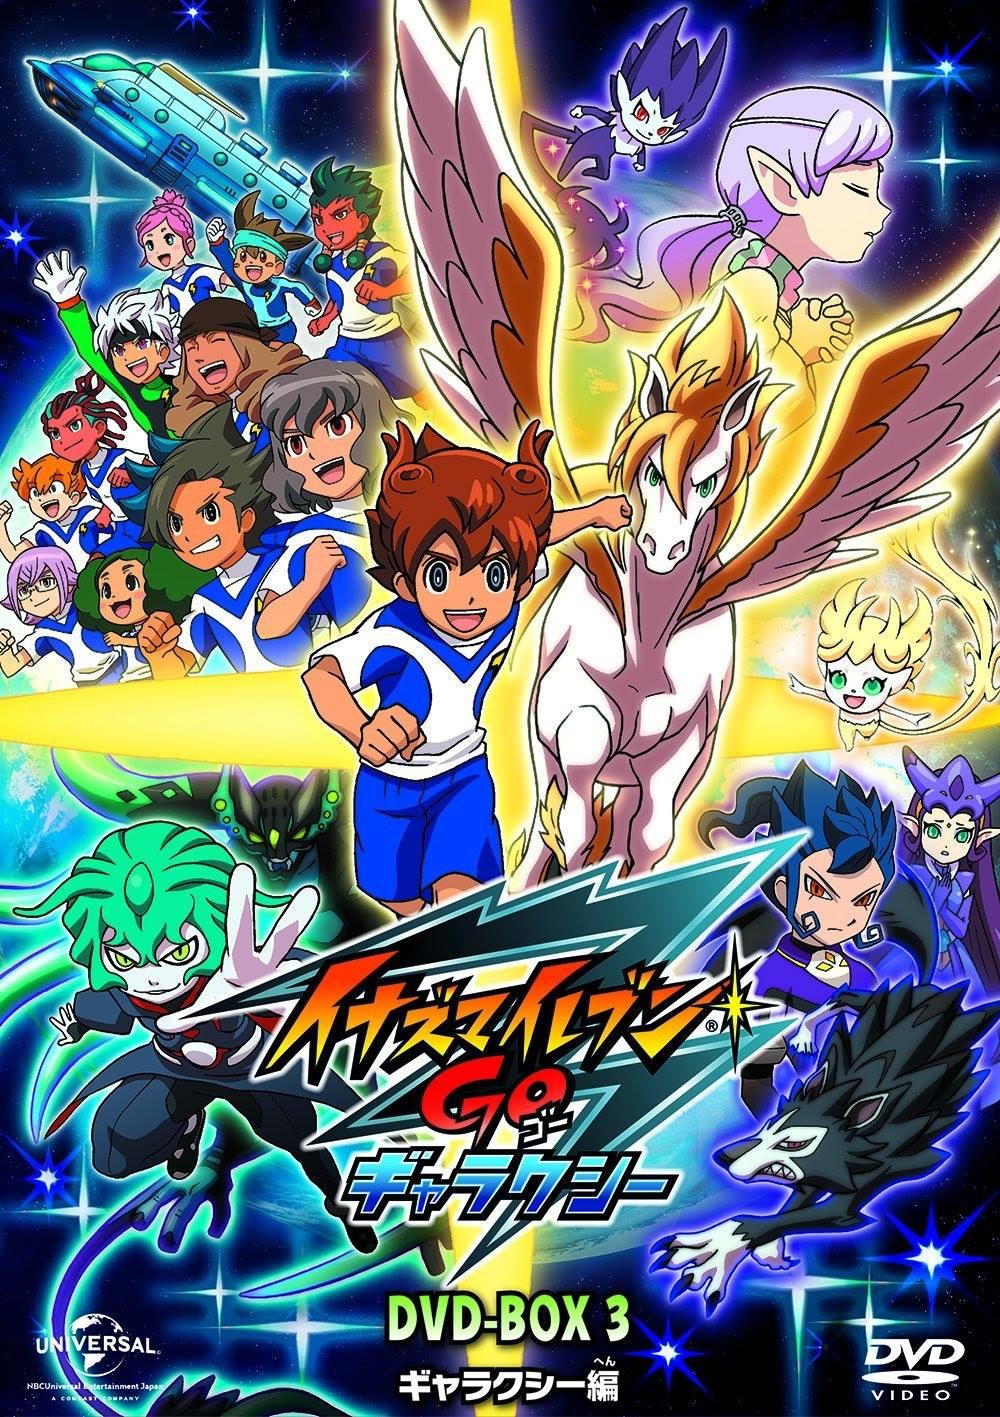 Archivo inazuma eleven go dvd box 3 galaxy portada jpg inazuma eleven wiki fandom - Inazuma eleven galaxy ...